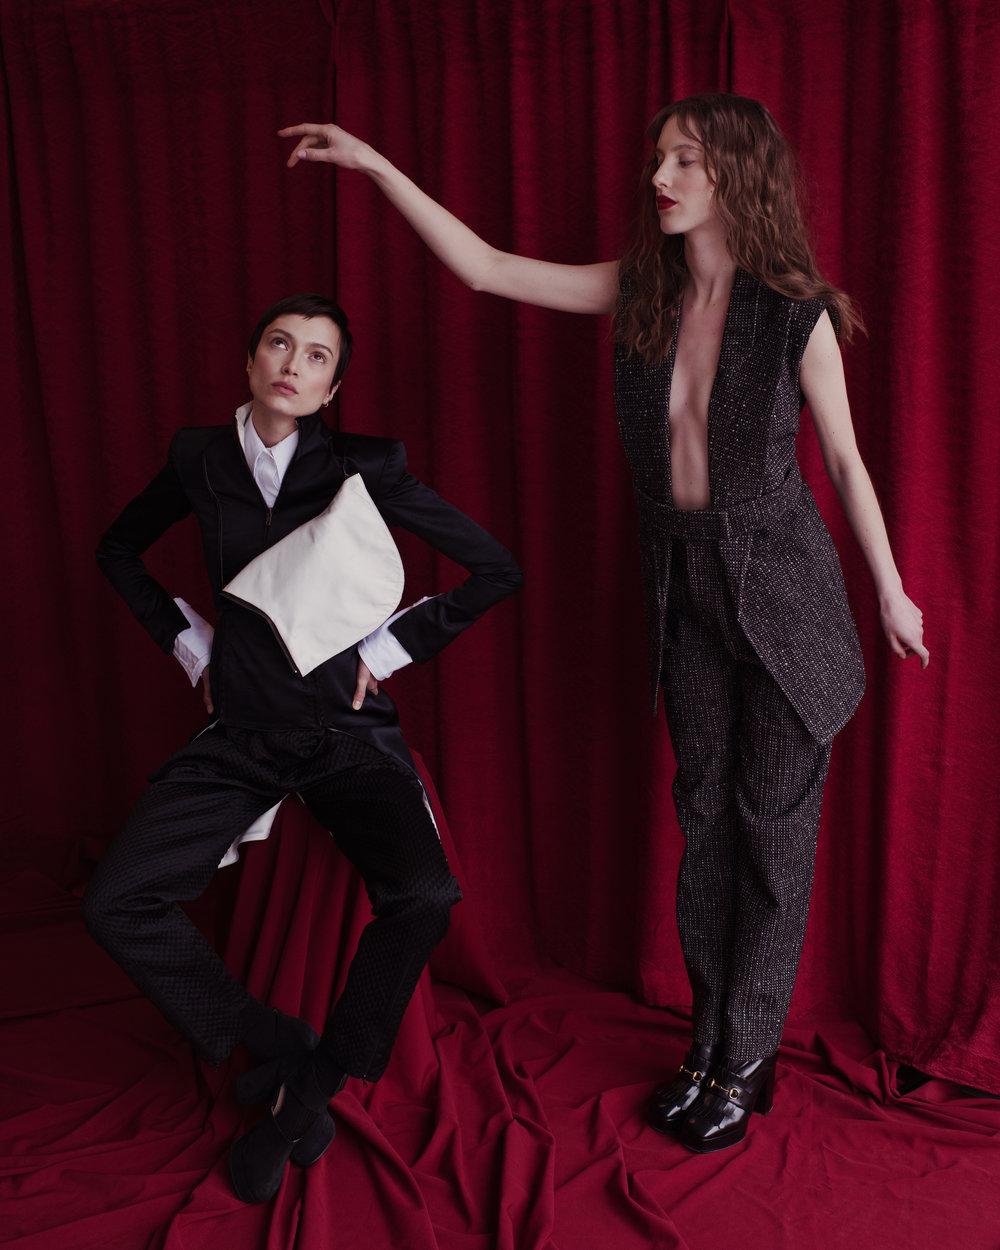 Pia viste chaqueta de  HOGAN MCLAUGHLIN , pantalón de  LANDEROS . Kate viste traje de  LANDEROS  y zapatos de  GUCCI.